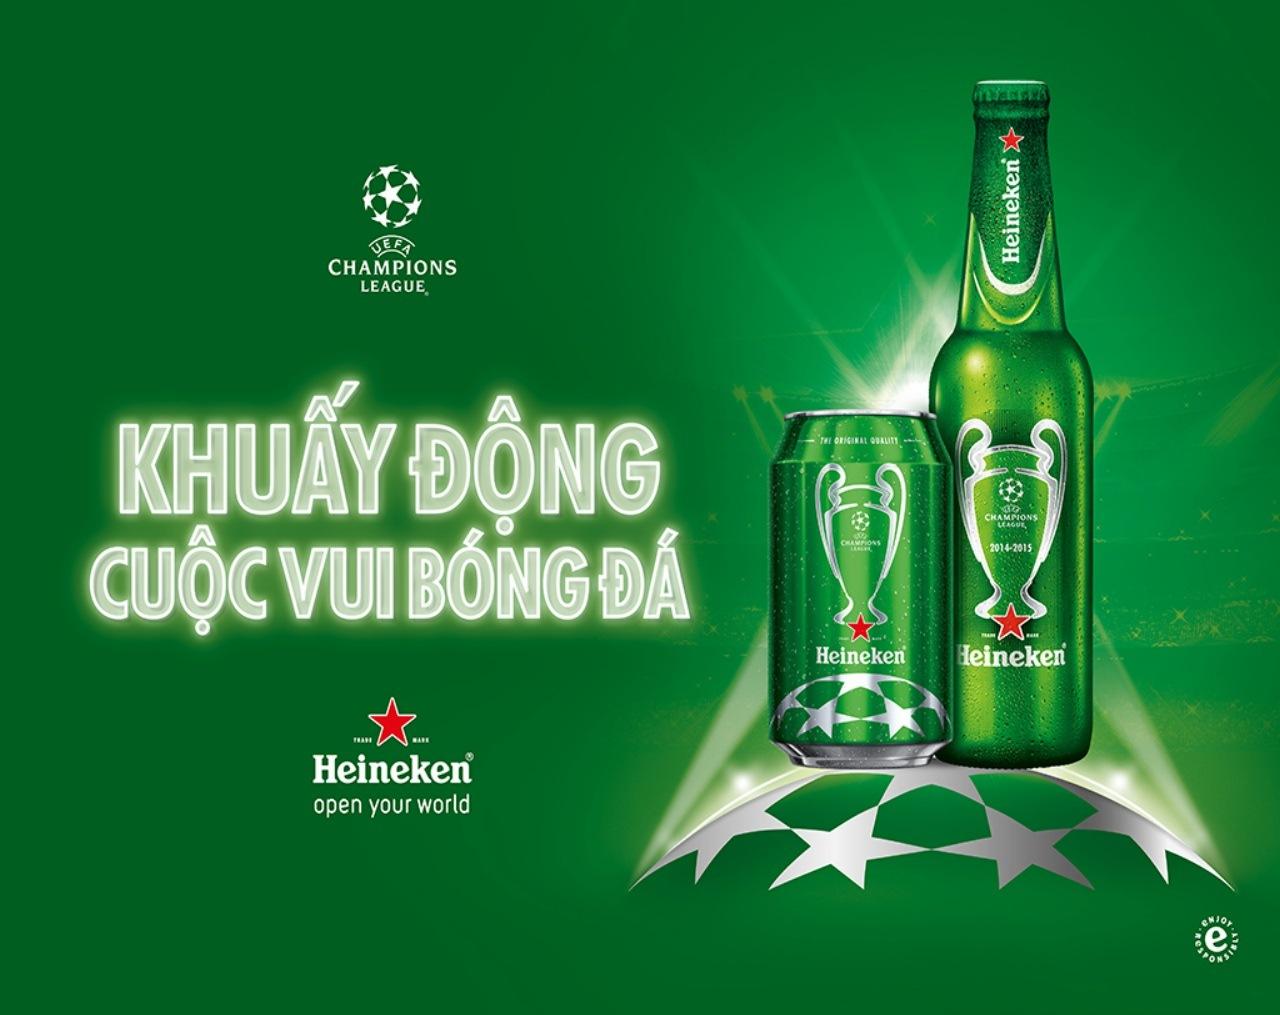 """Heineken """"Khuấy động cuộc vui bóng đá"""" cùng hành trình UEFA Champions League 2015"""